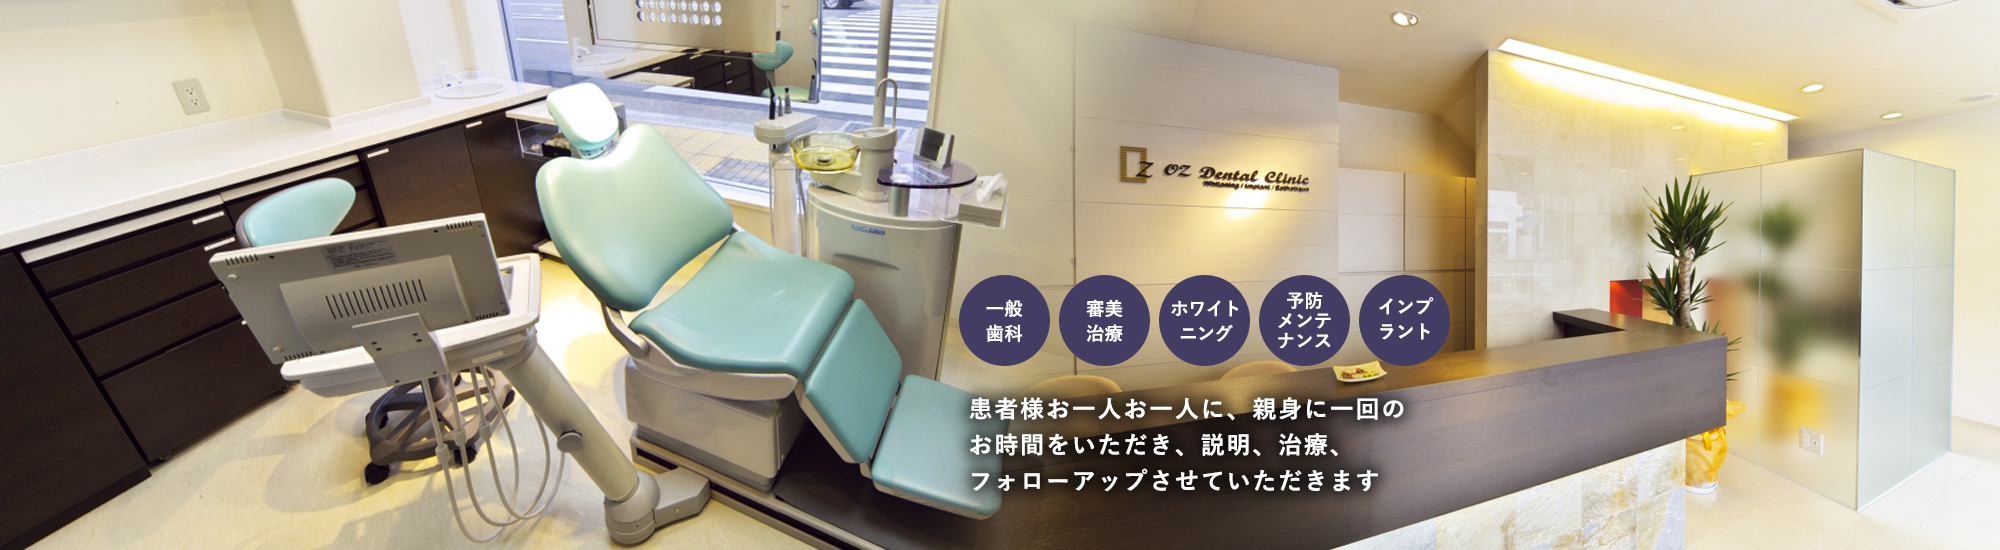 京都歯科オズデンタルクリニック内観イメージ